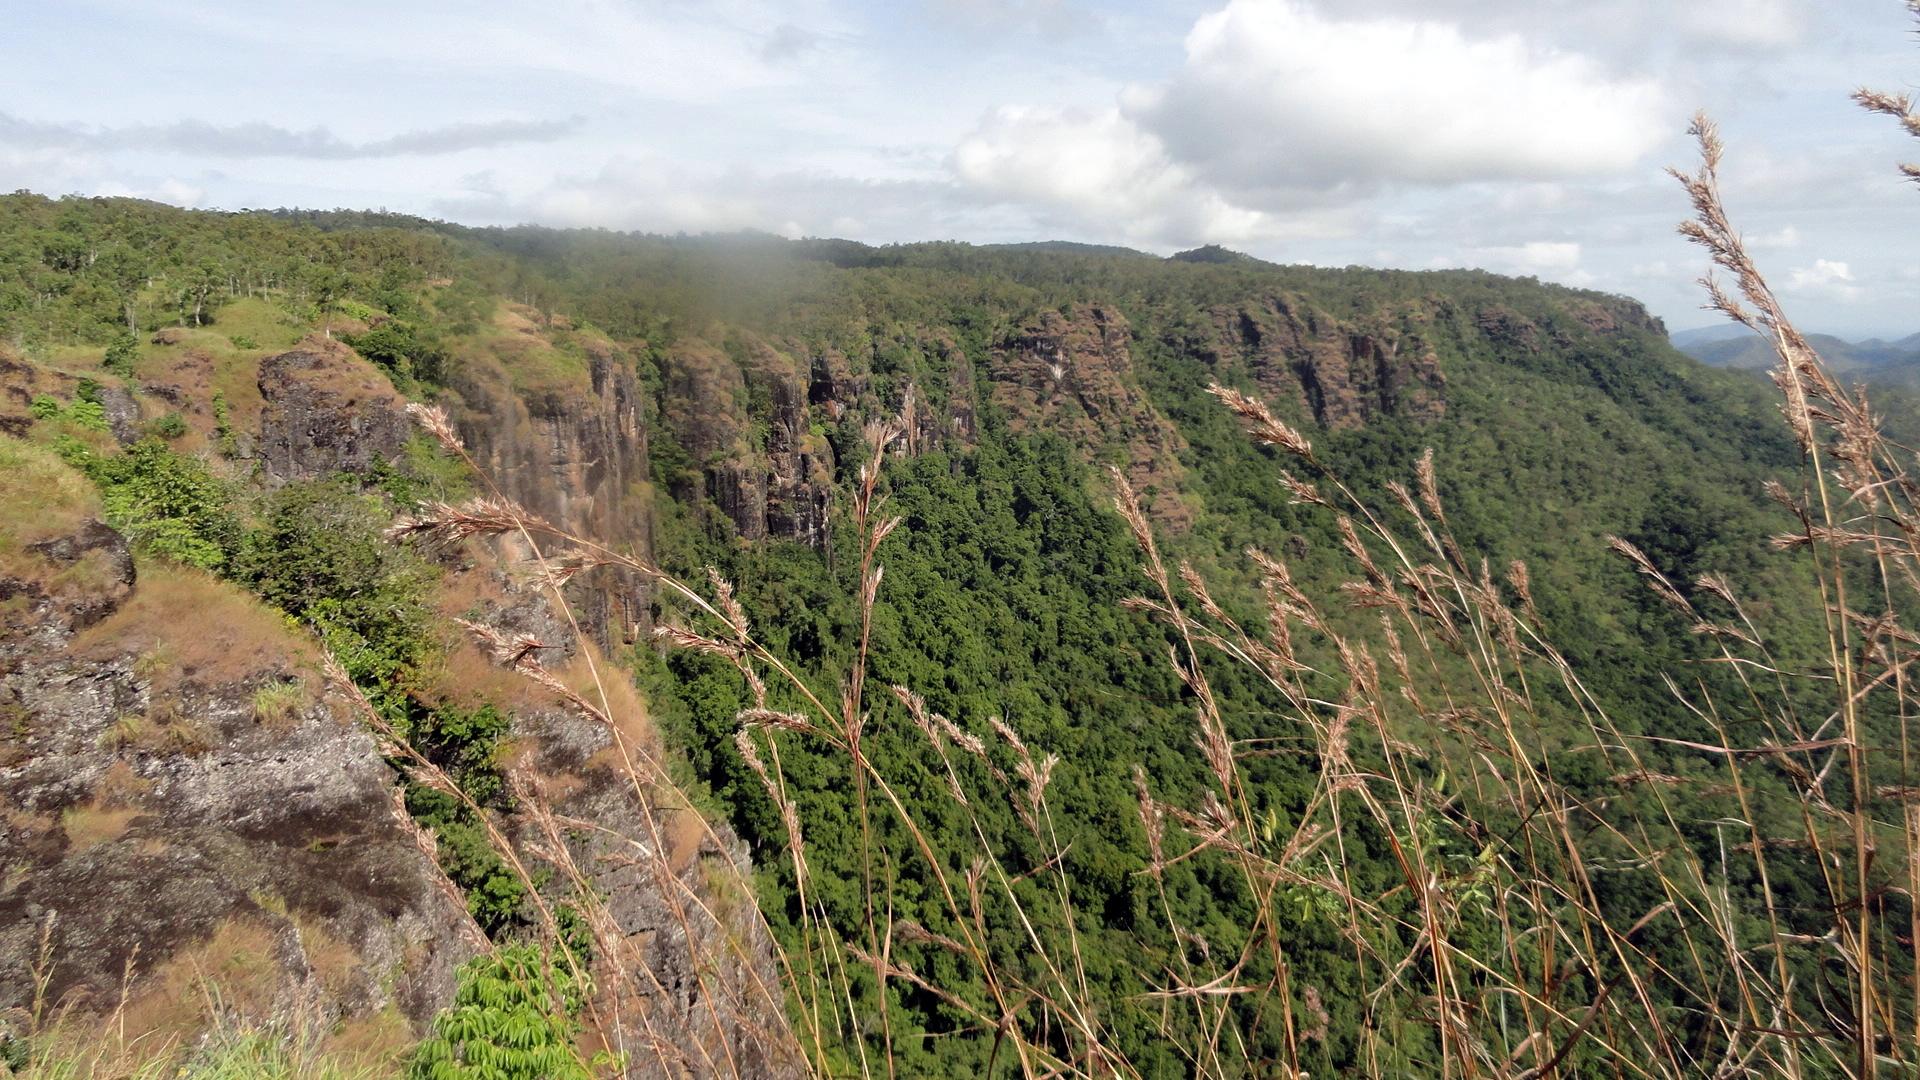 Hills - Trees - Cliffs